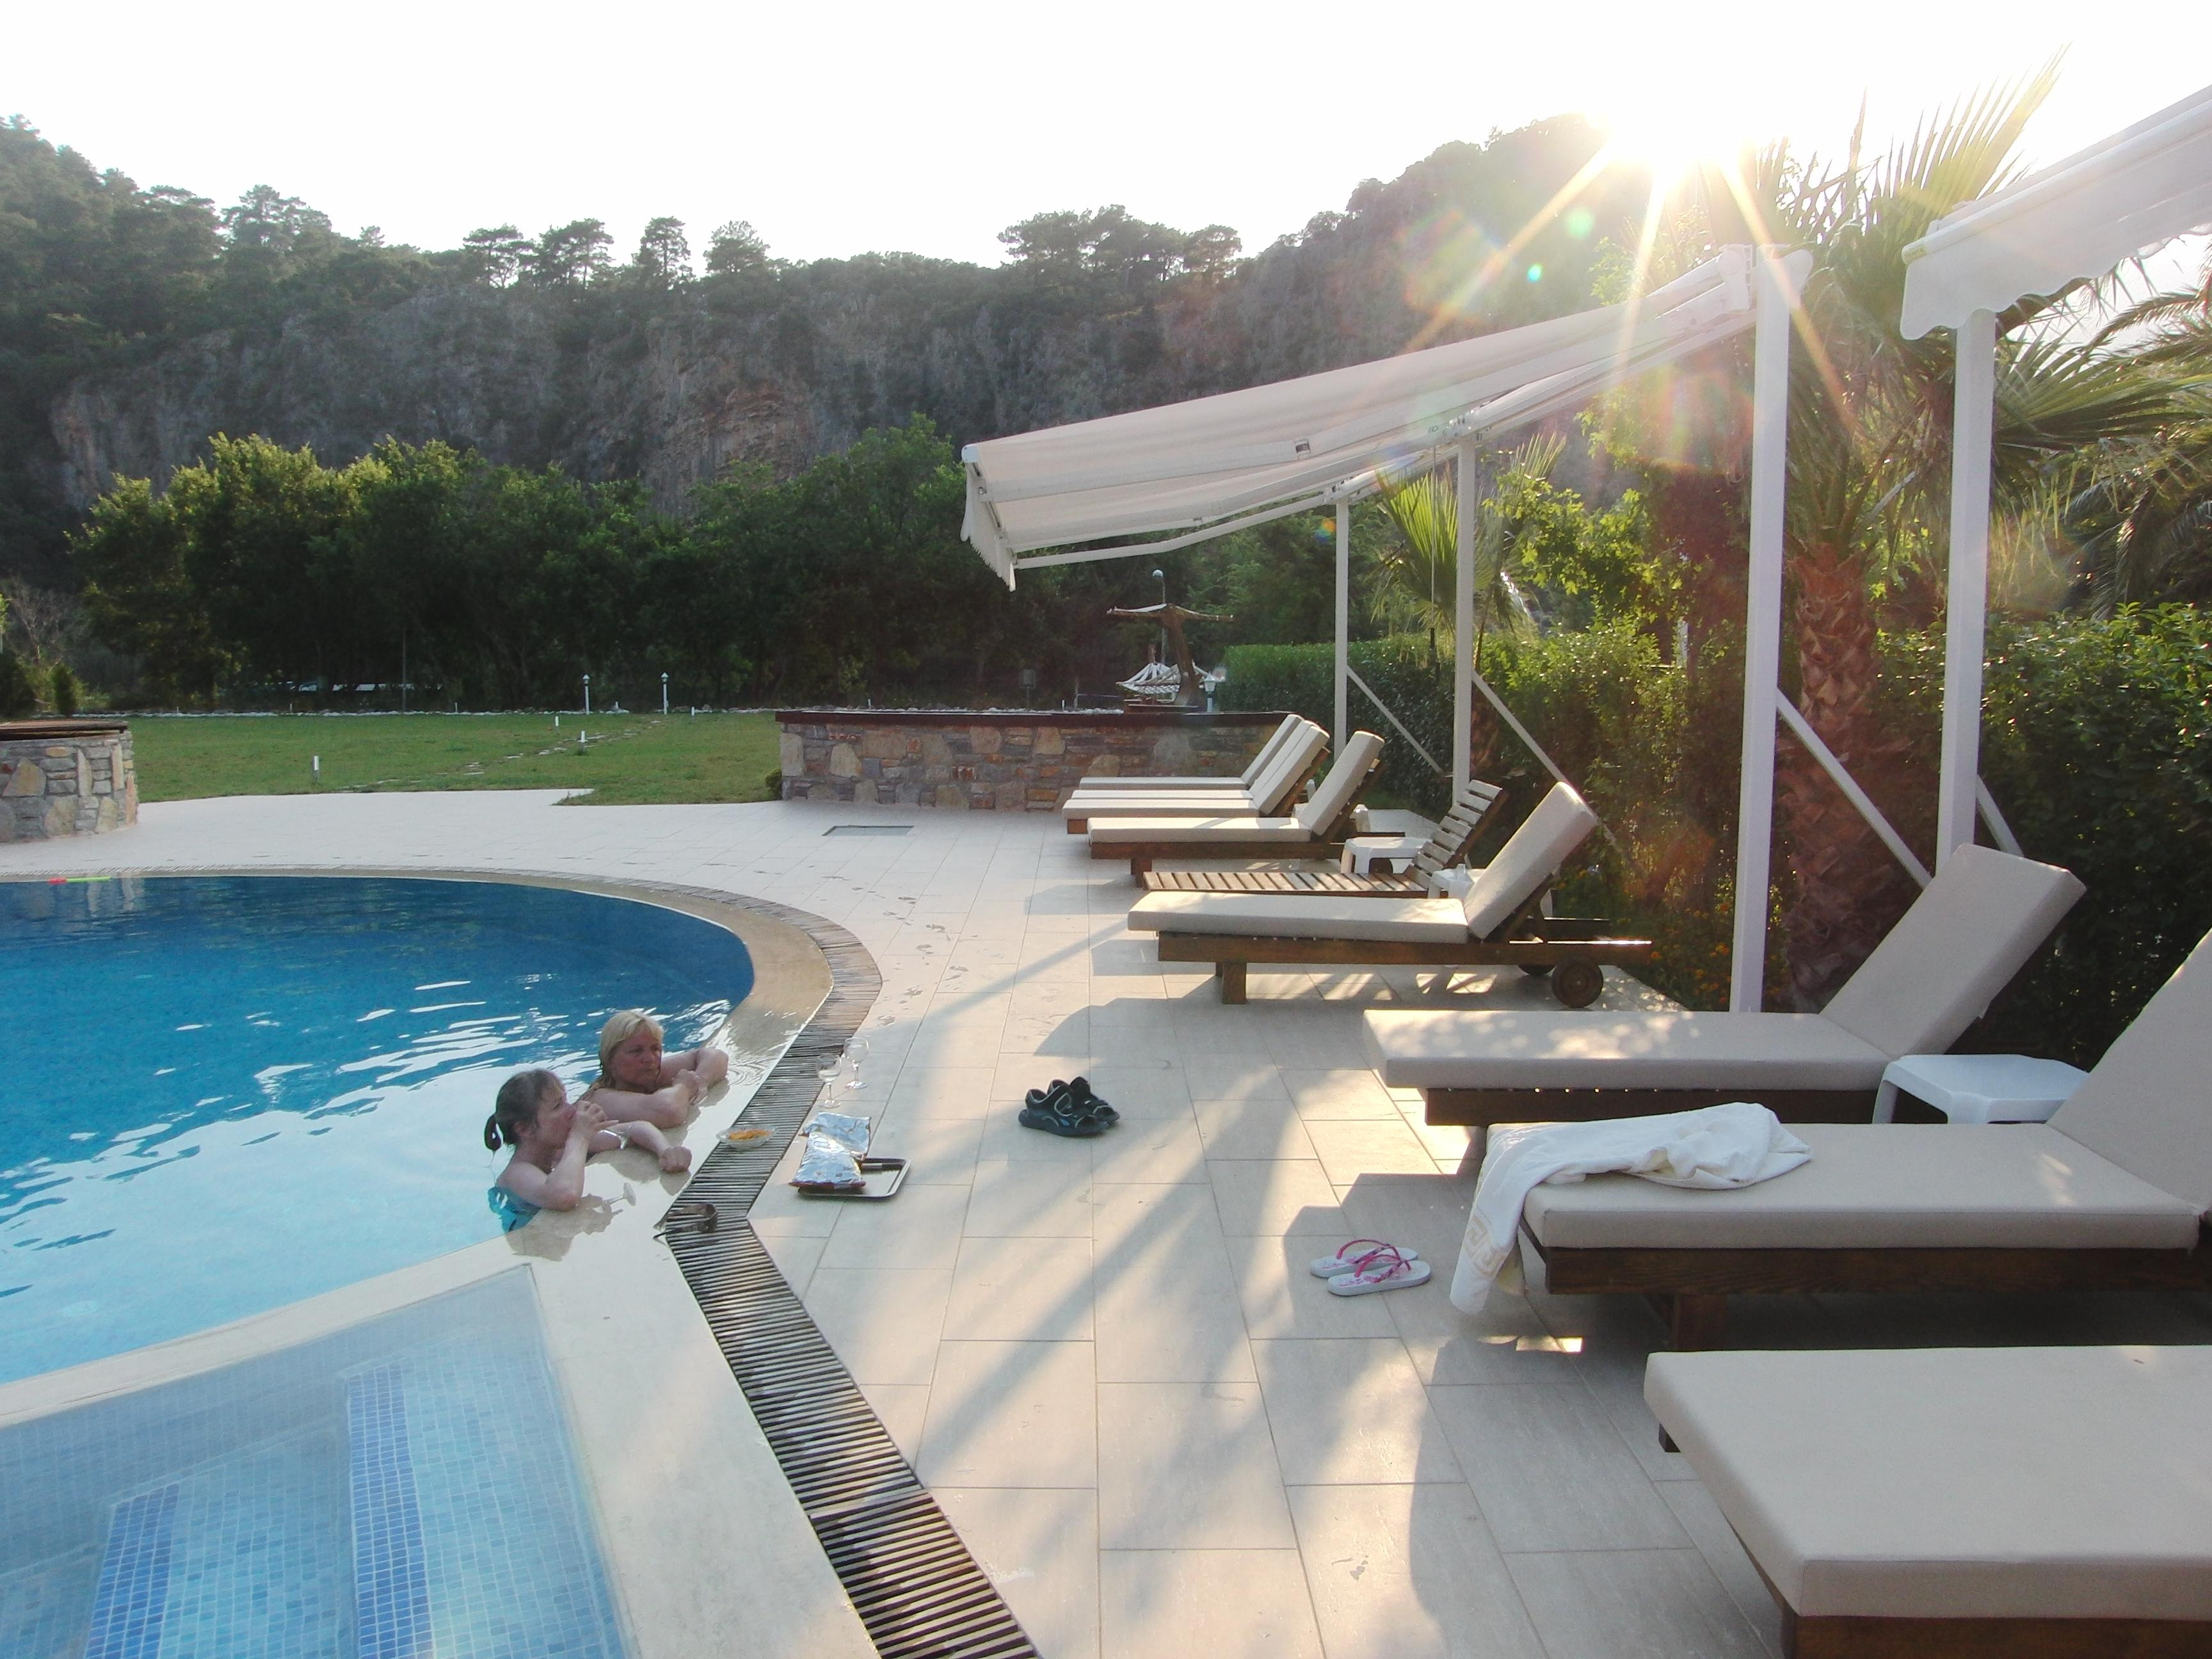 Aydos Hotels & Apartments